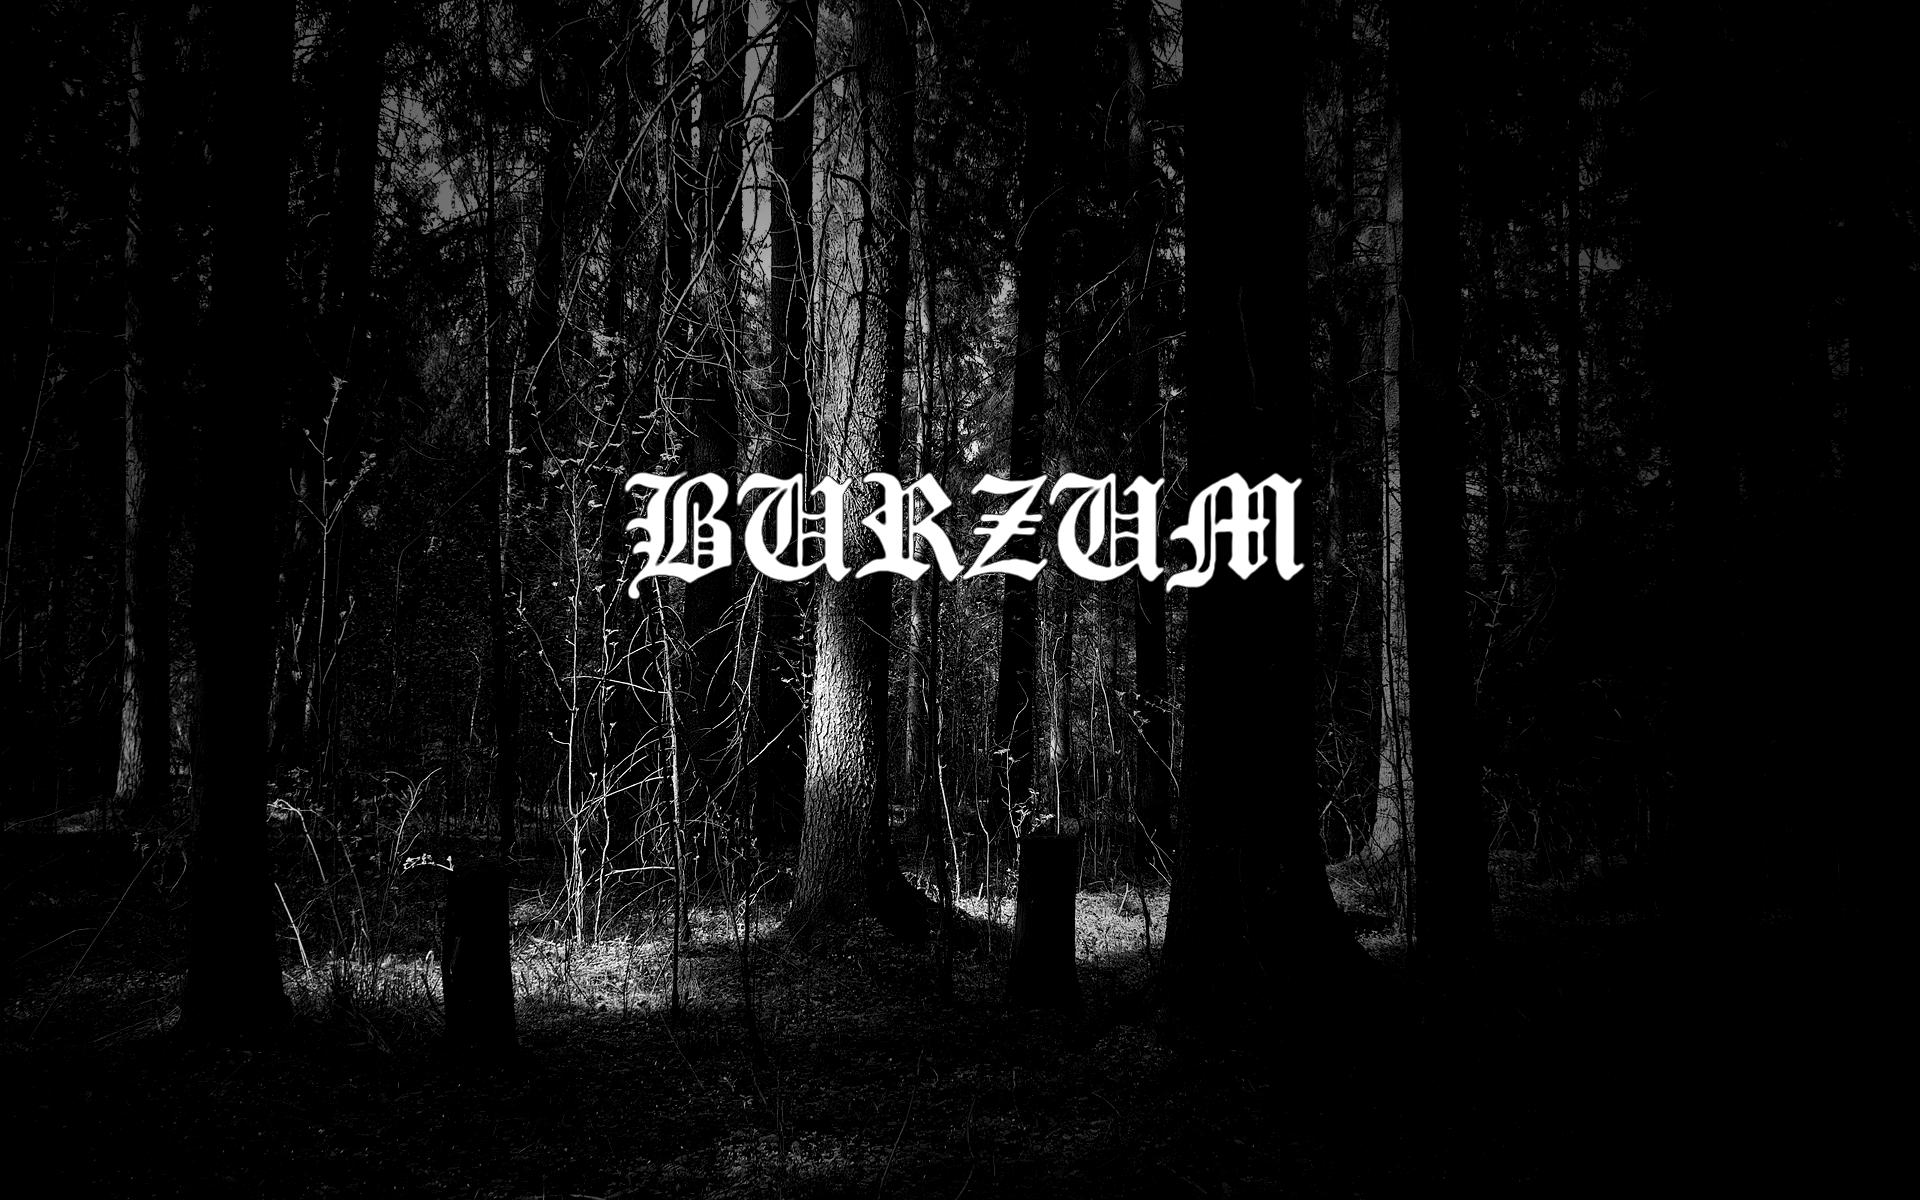 Download 6000 Wallpaper Black Metal Full Hd HD Gratis